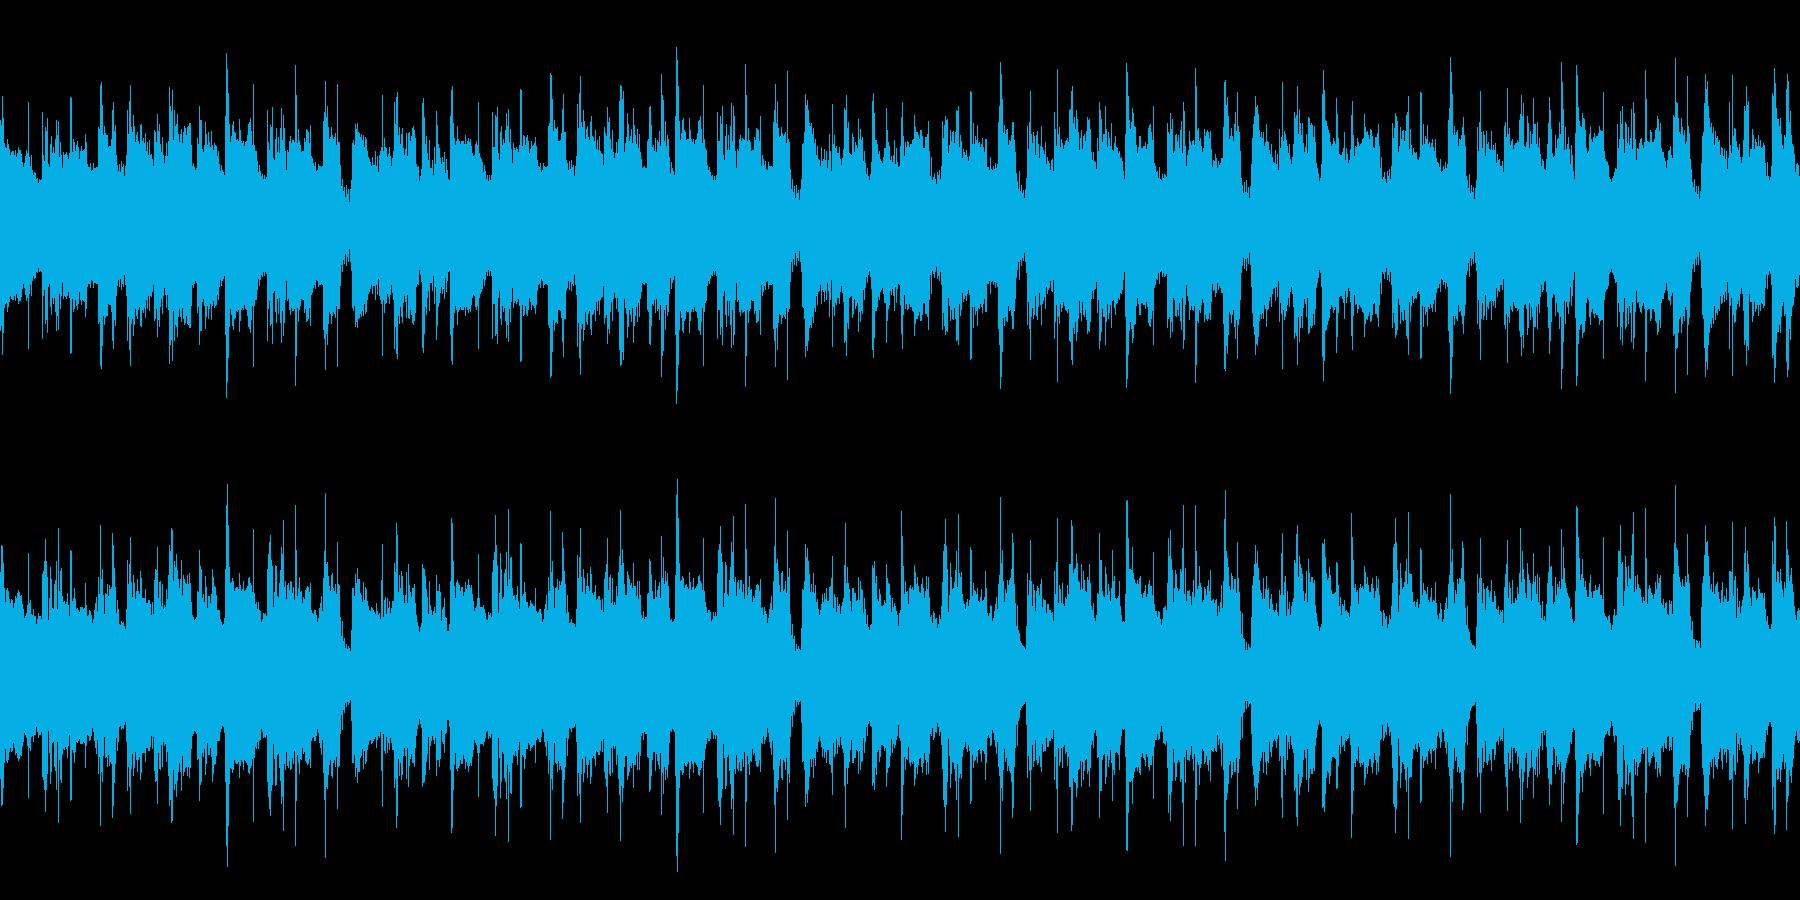 あたたかい雰囲気の日常感あるボサノバの再生済みの波形